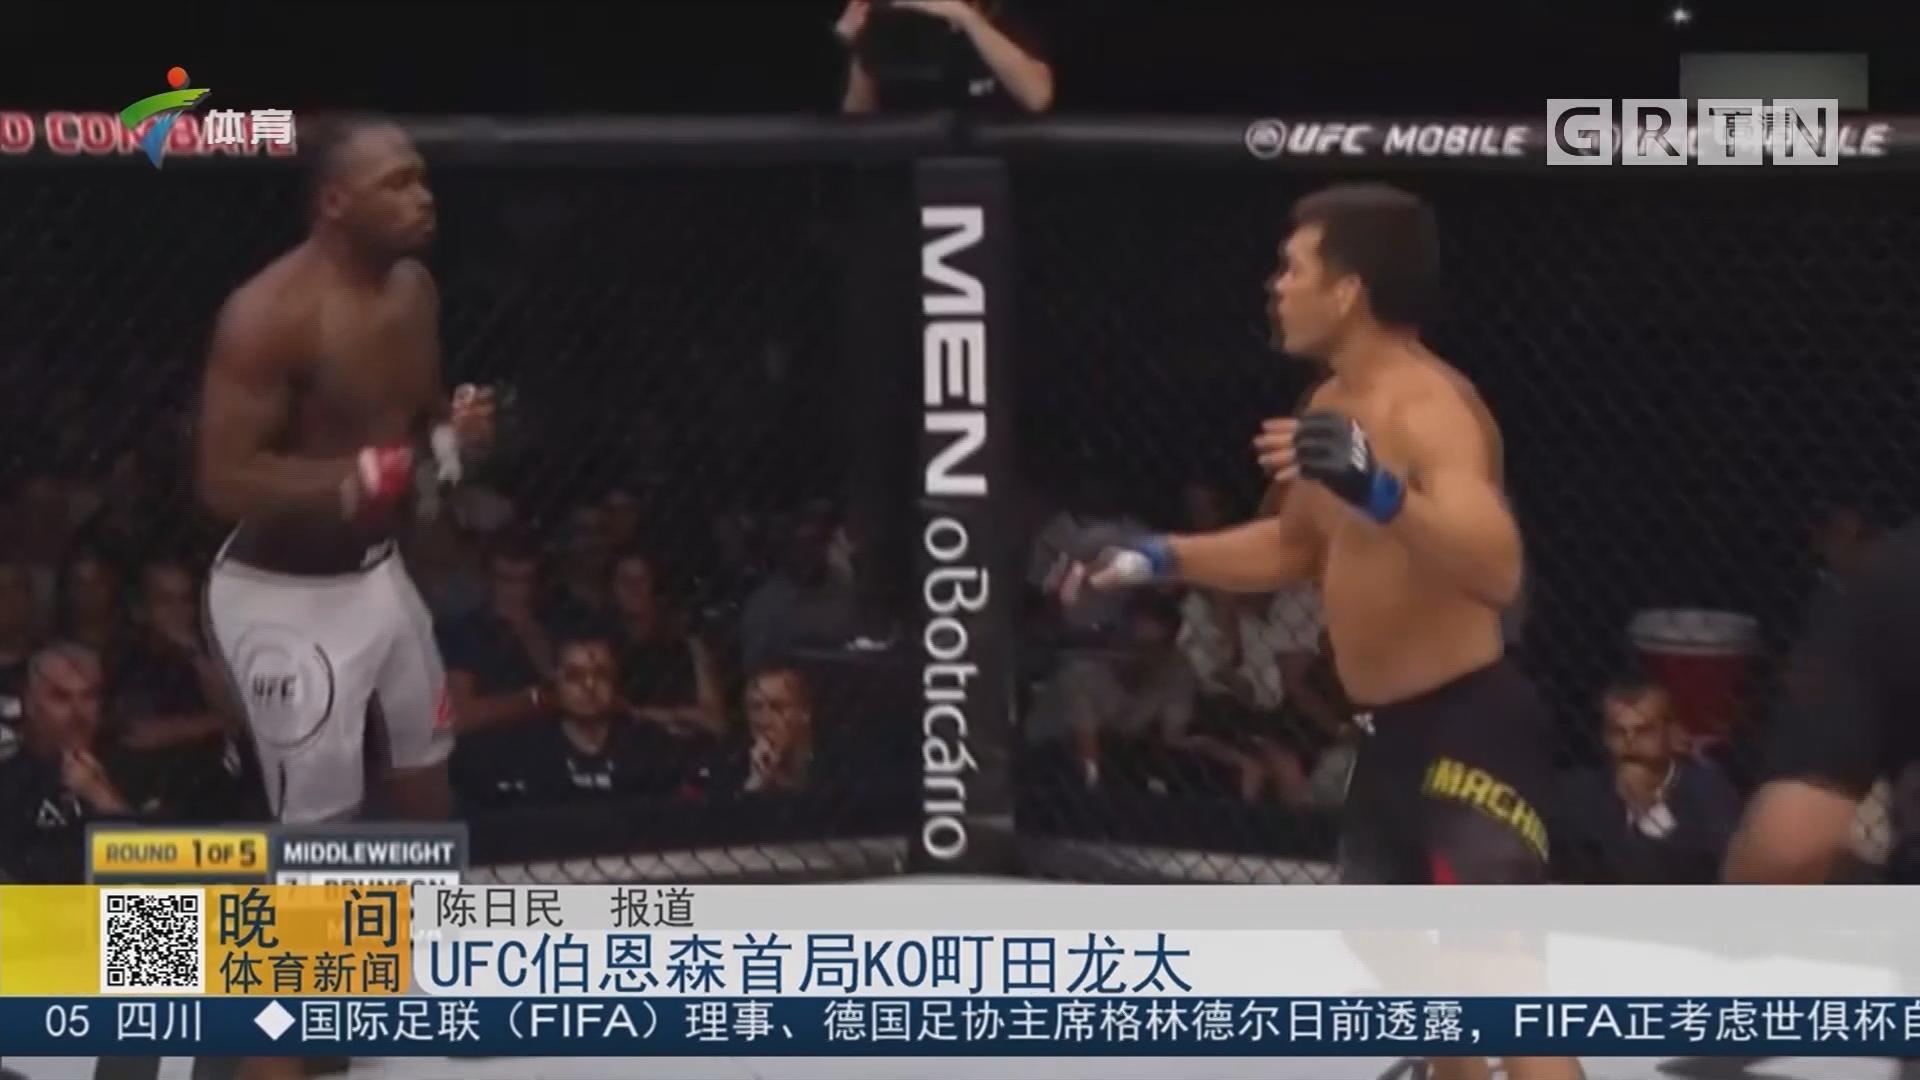 UFC伯恩森首局KO町田龙太